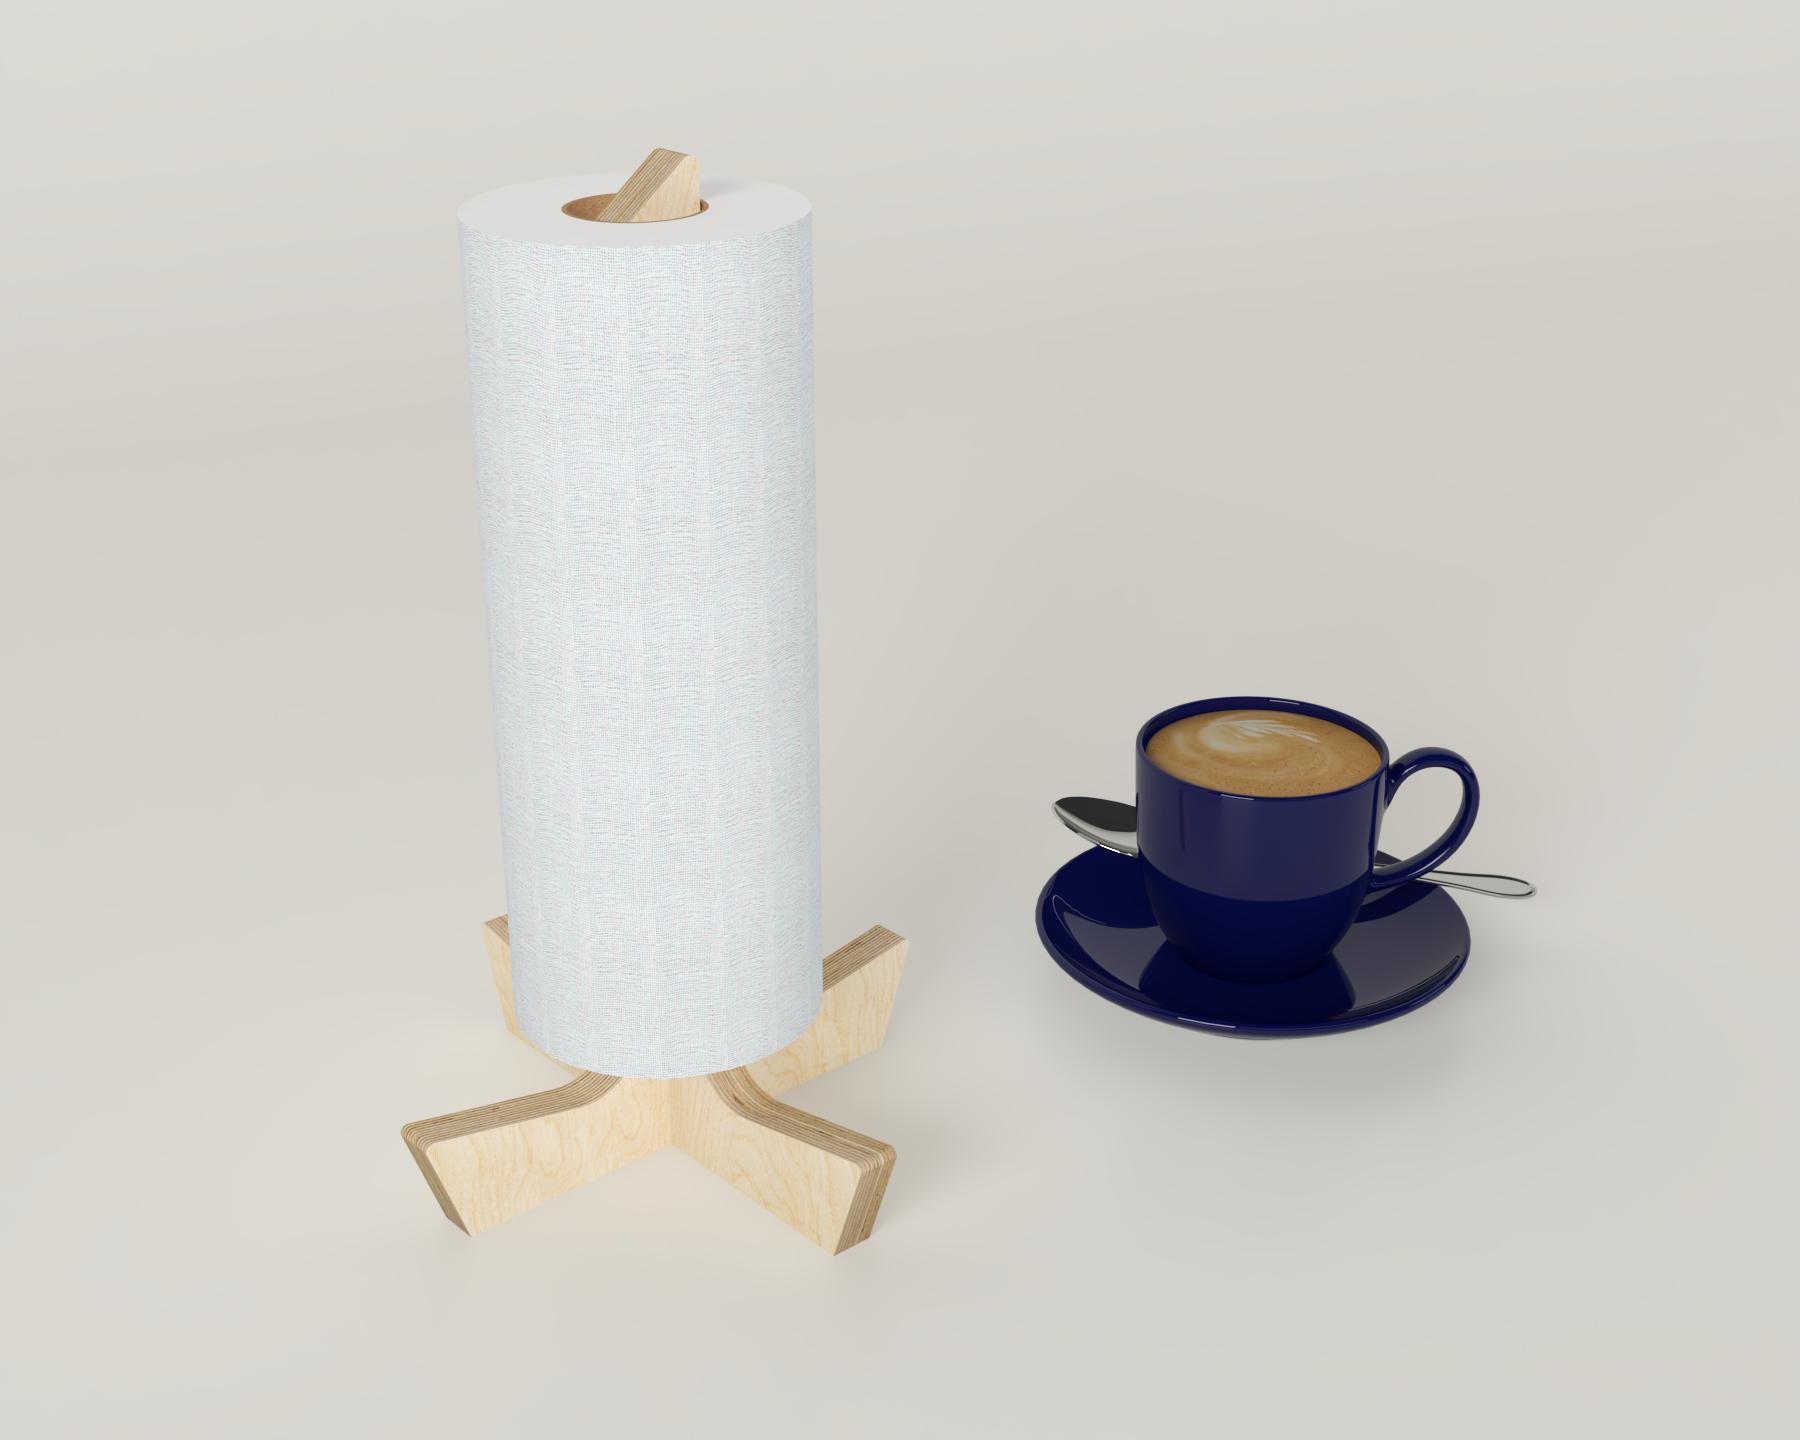 Roller Towel Holder